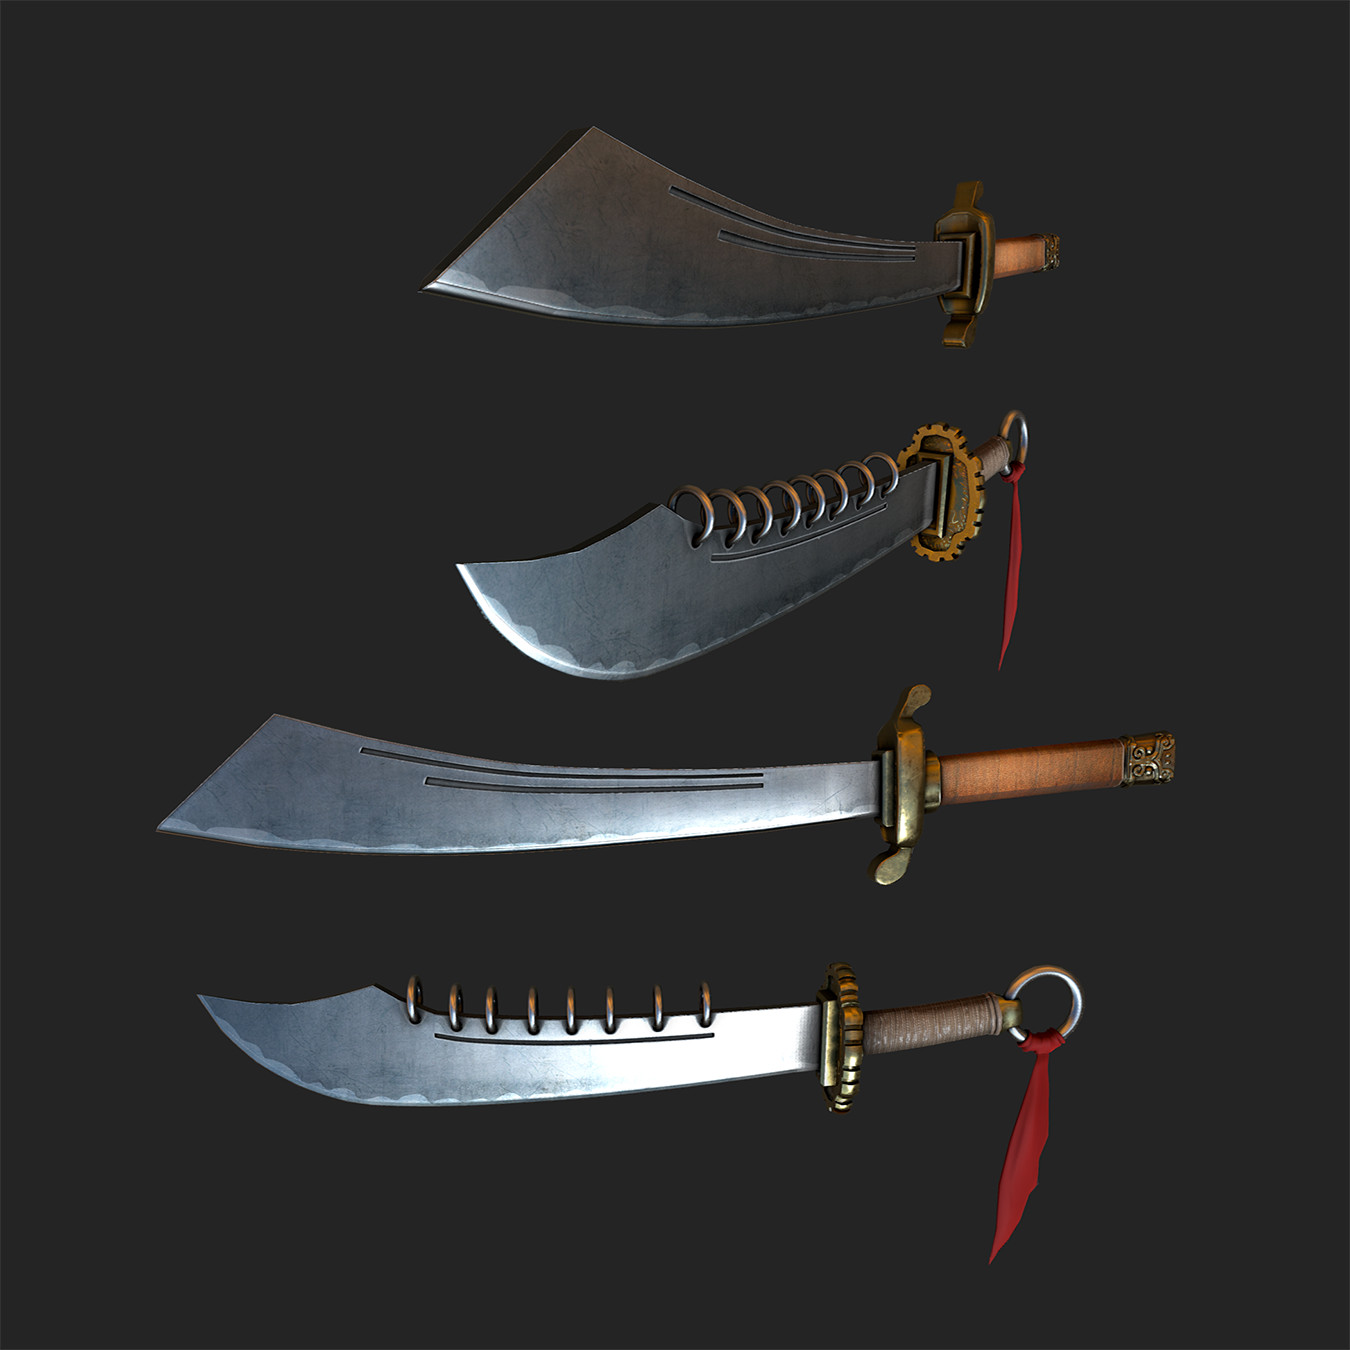 https://cdnb.artstation.com/p/assets/images/images/006/360/543/large/michael-lee-brox-sword-001.jpg?1497998199